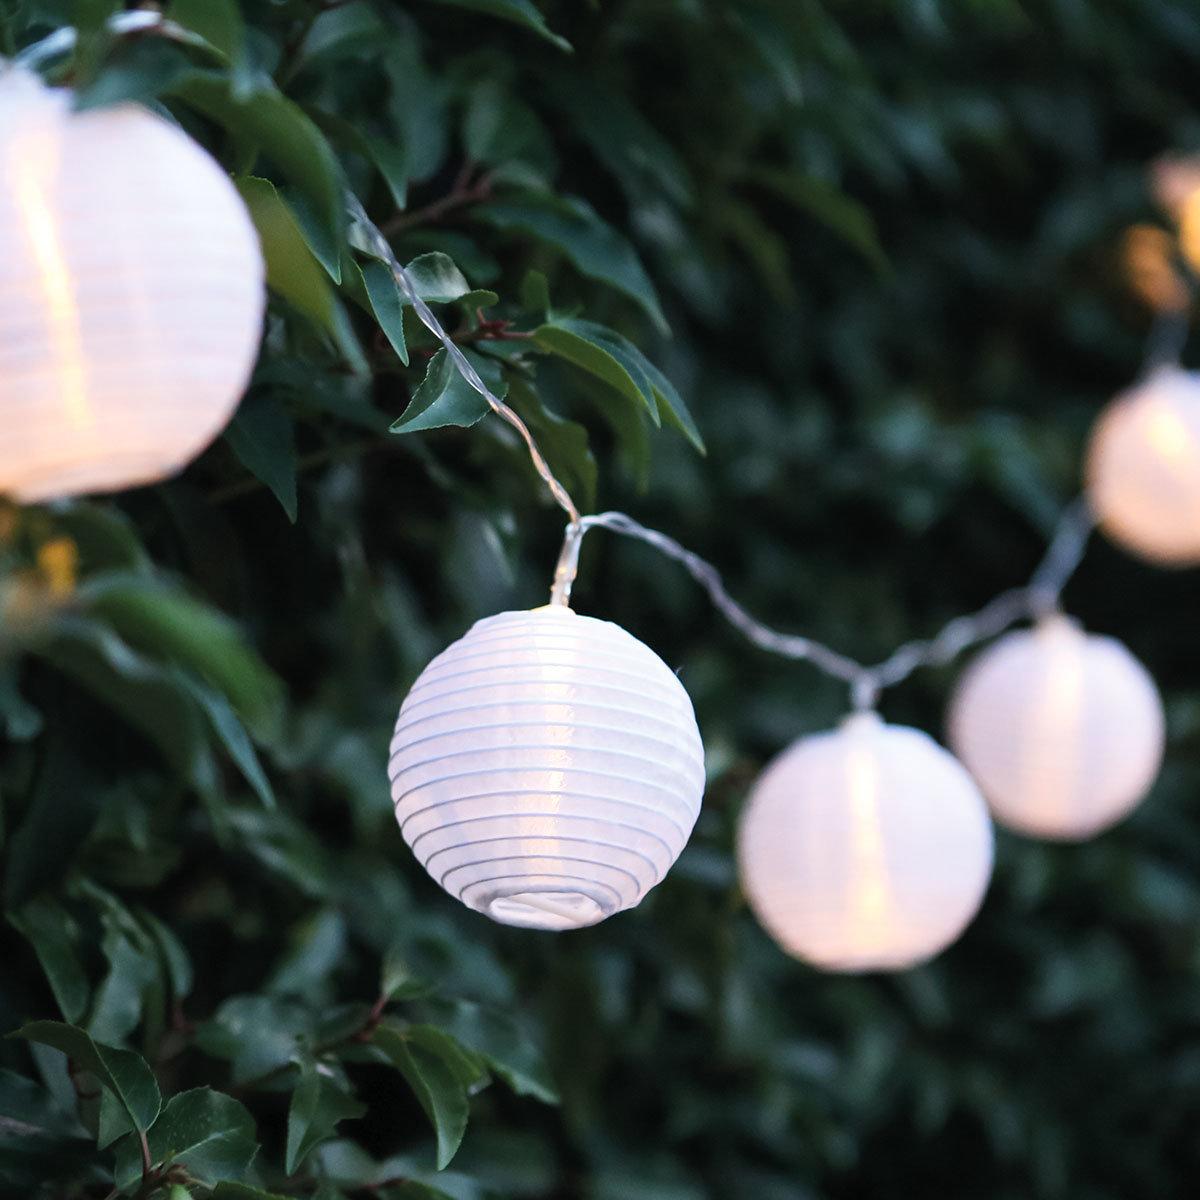 LED Lichterkette Laterne, 7,2 m, Nylon, weiss